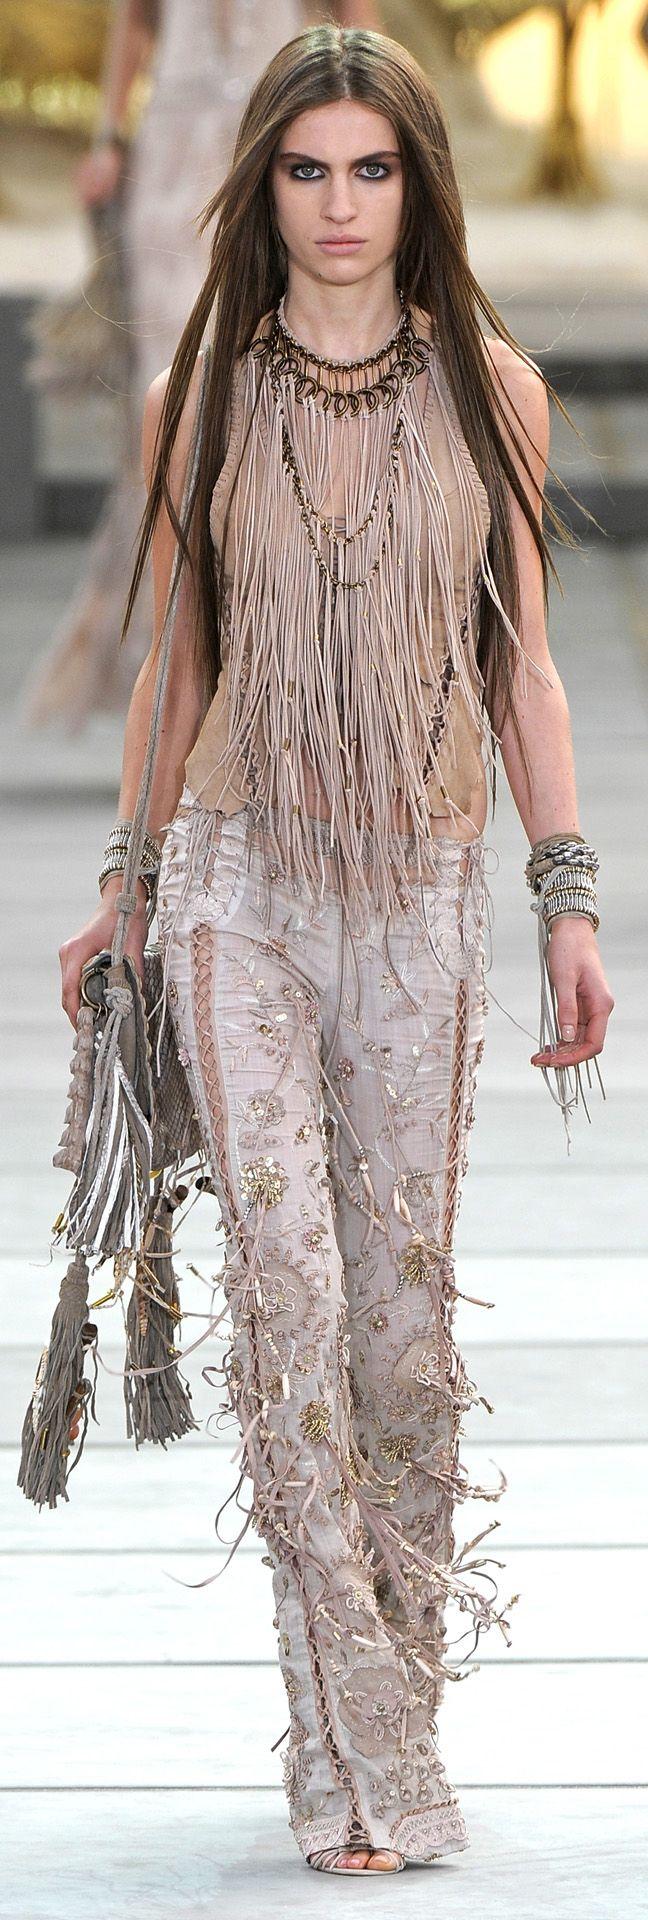 Native american fashion trend 79